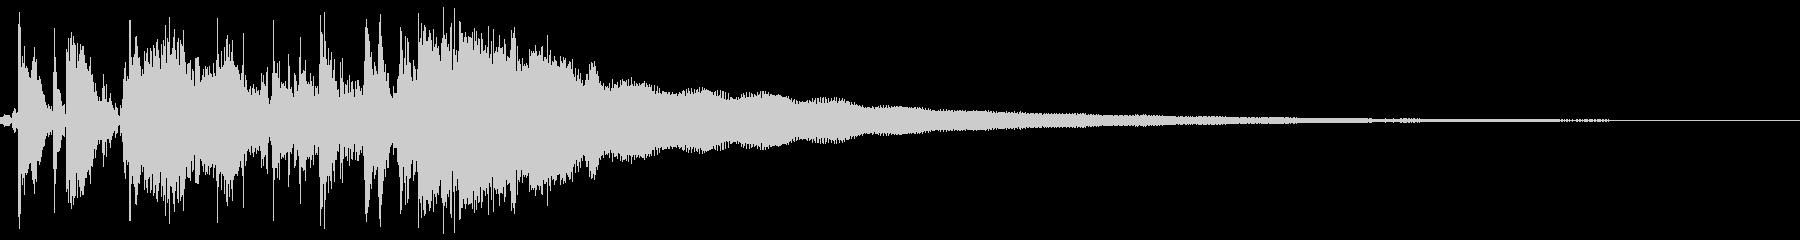 古いレジスターの清算音(ハンドルを回す)の未再生の波形